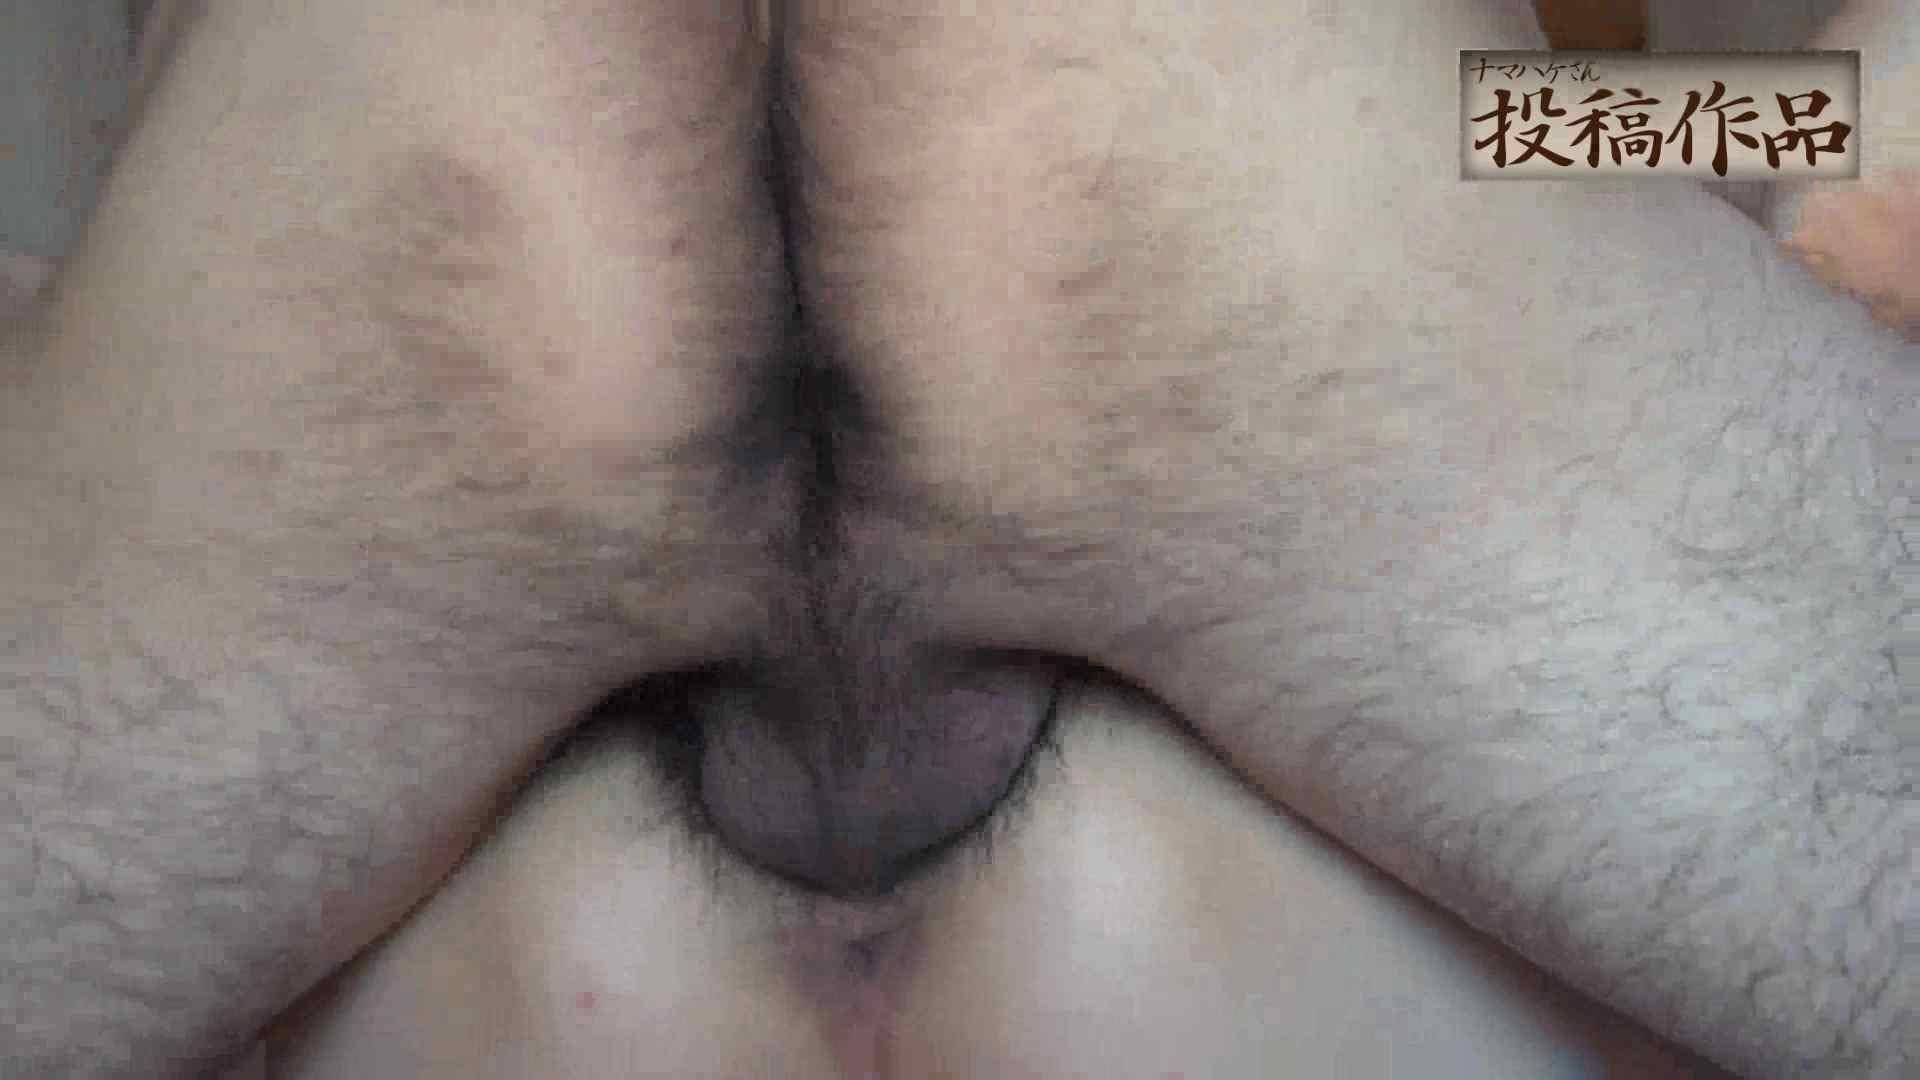 ナマハゲさんのまんこコレクション第二章 michiru02 OL裸体 | お姉さんの裸体  110画像 94